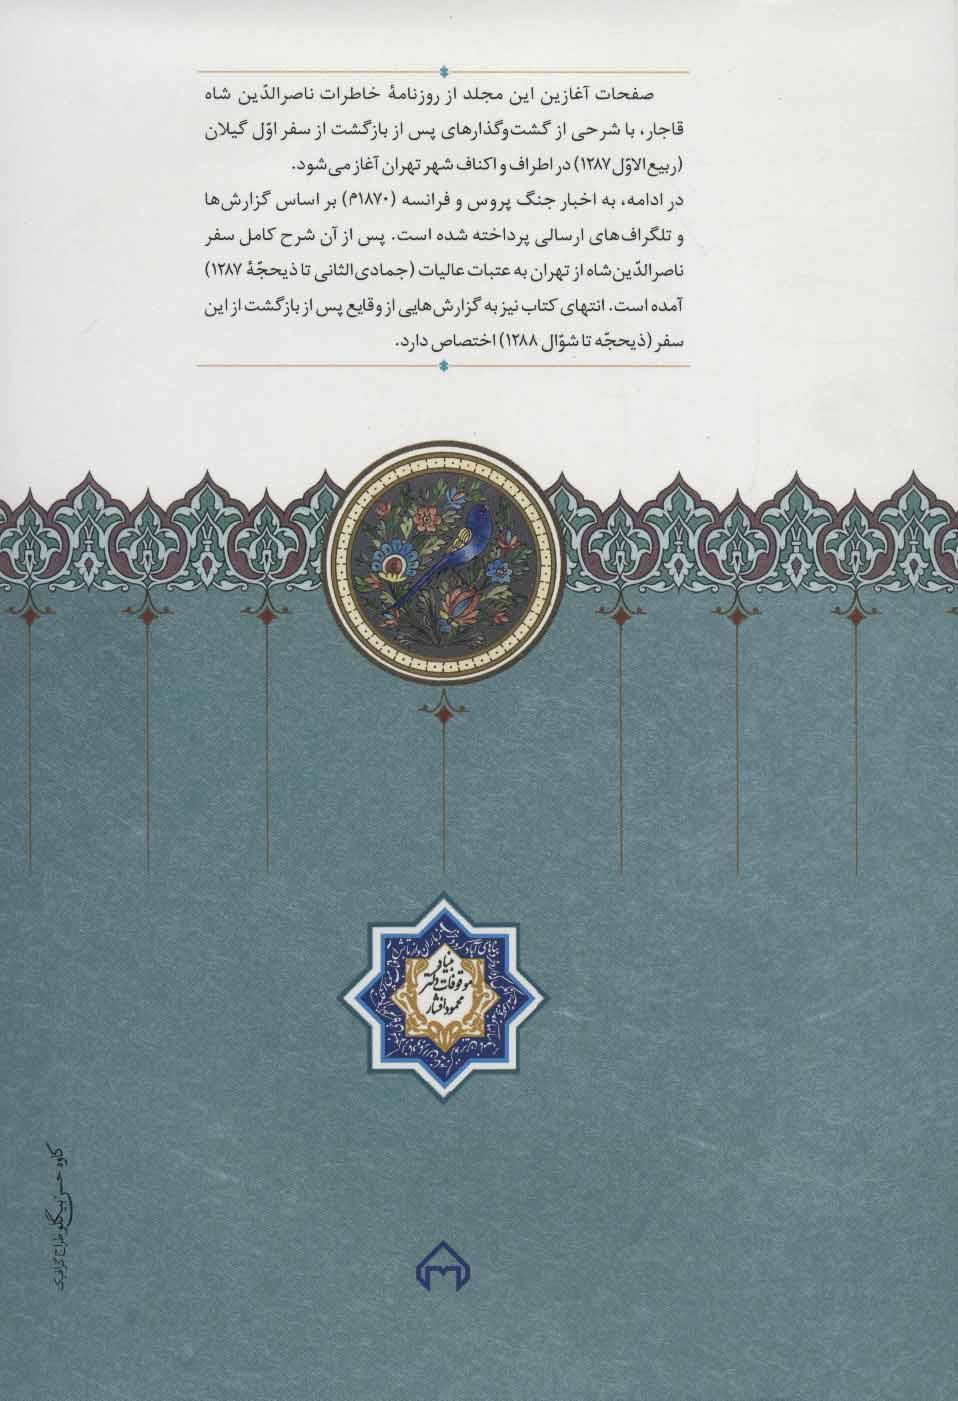 روزنامه خاطرات ناصرالدین شاه قاجار (از ربیع الاول 1287 تا شوال 1288ق)